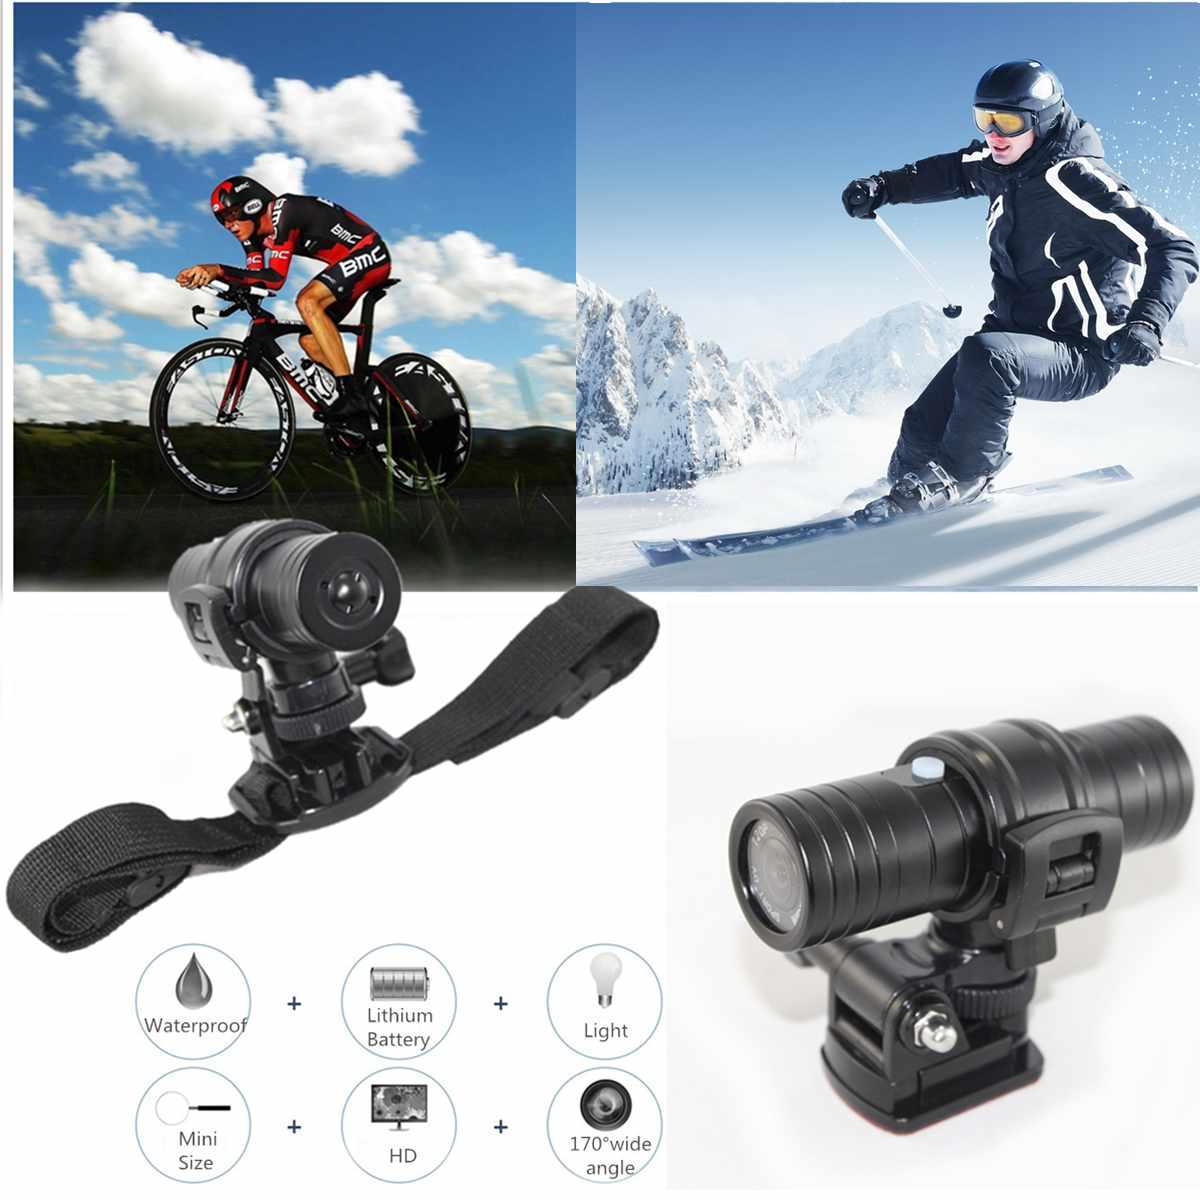 1080 P étanche Sport caméra casque moto cyclisme DVR enregistreur vidéo dérive fantôme Mini Sport de plein air DV avec accessoires ensemble